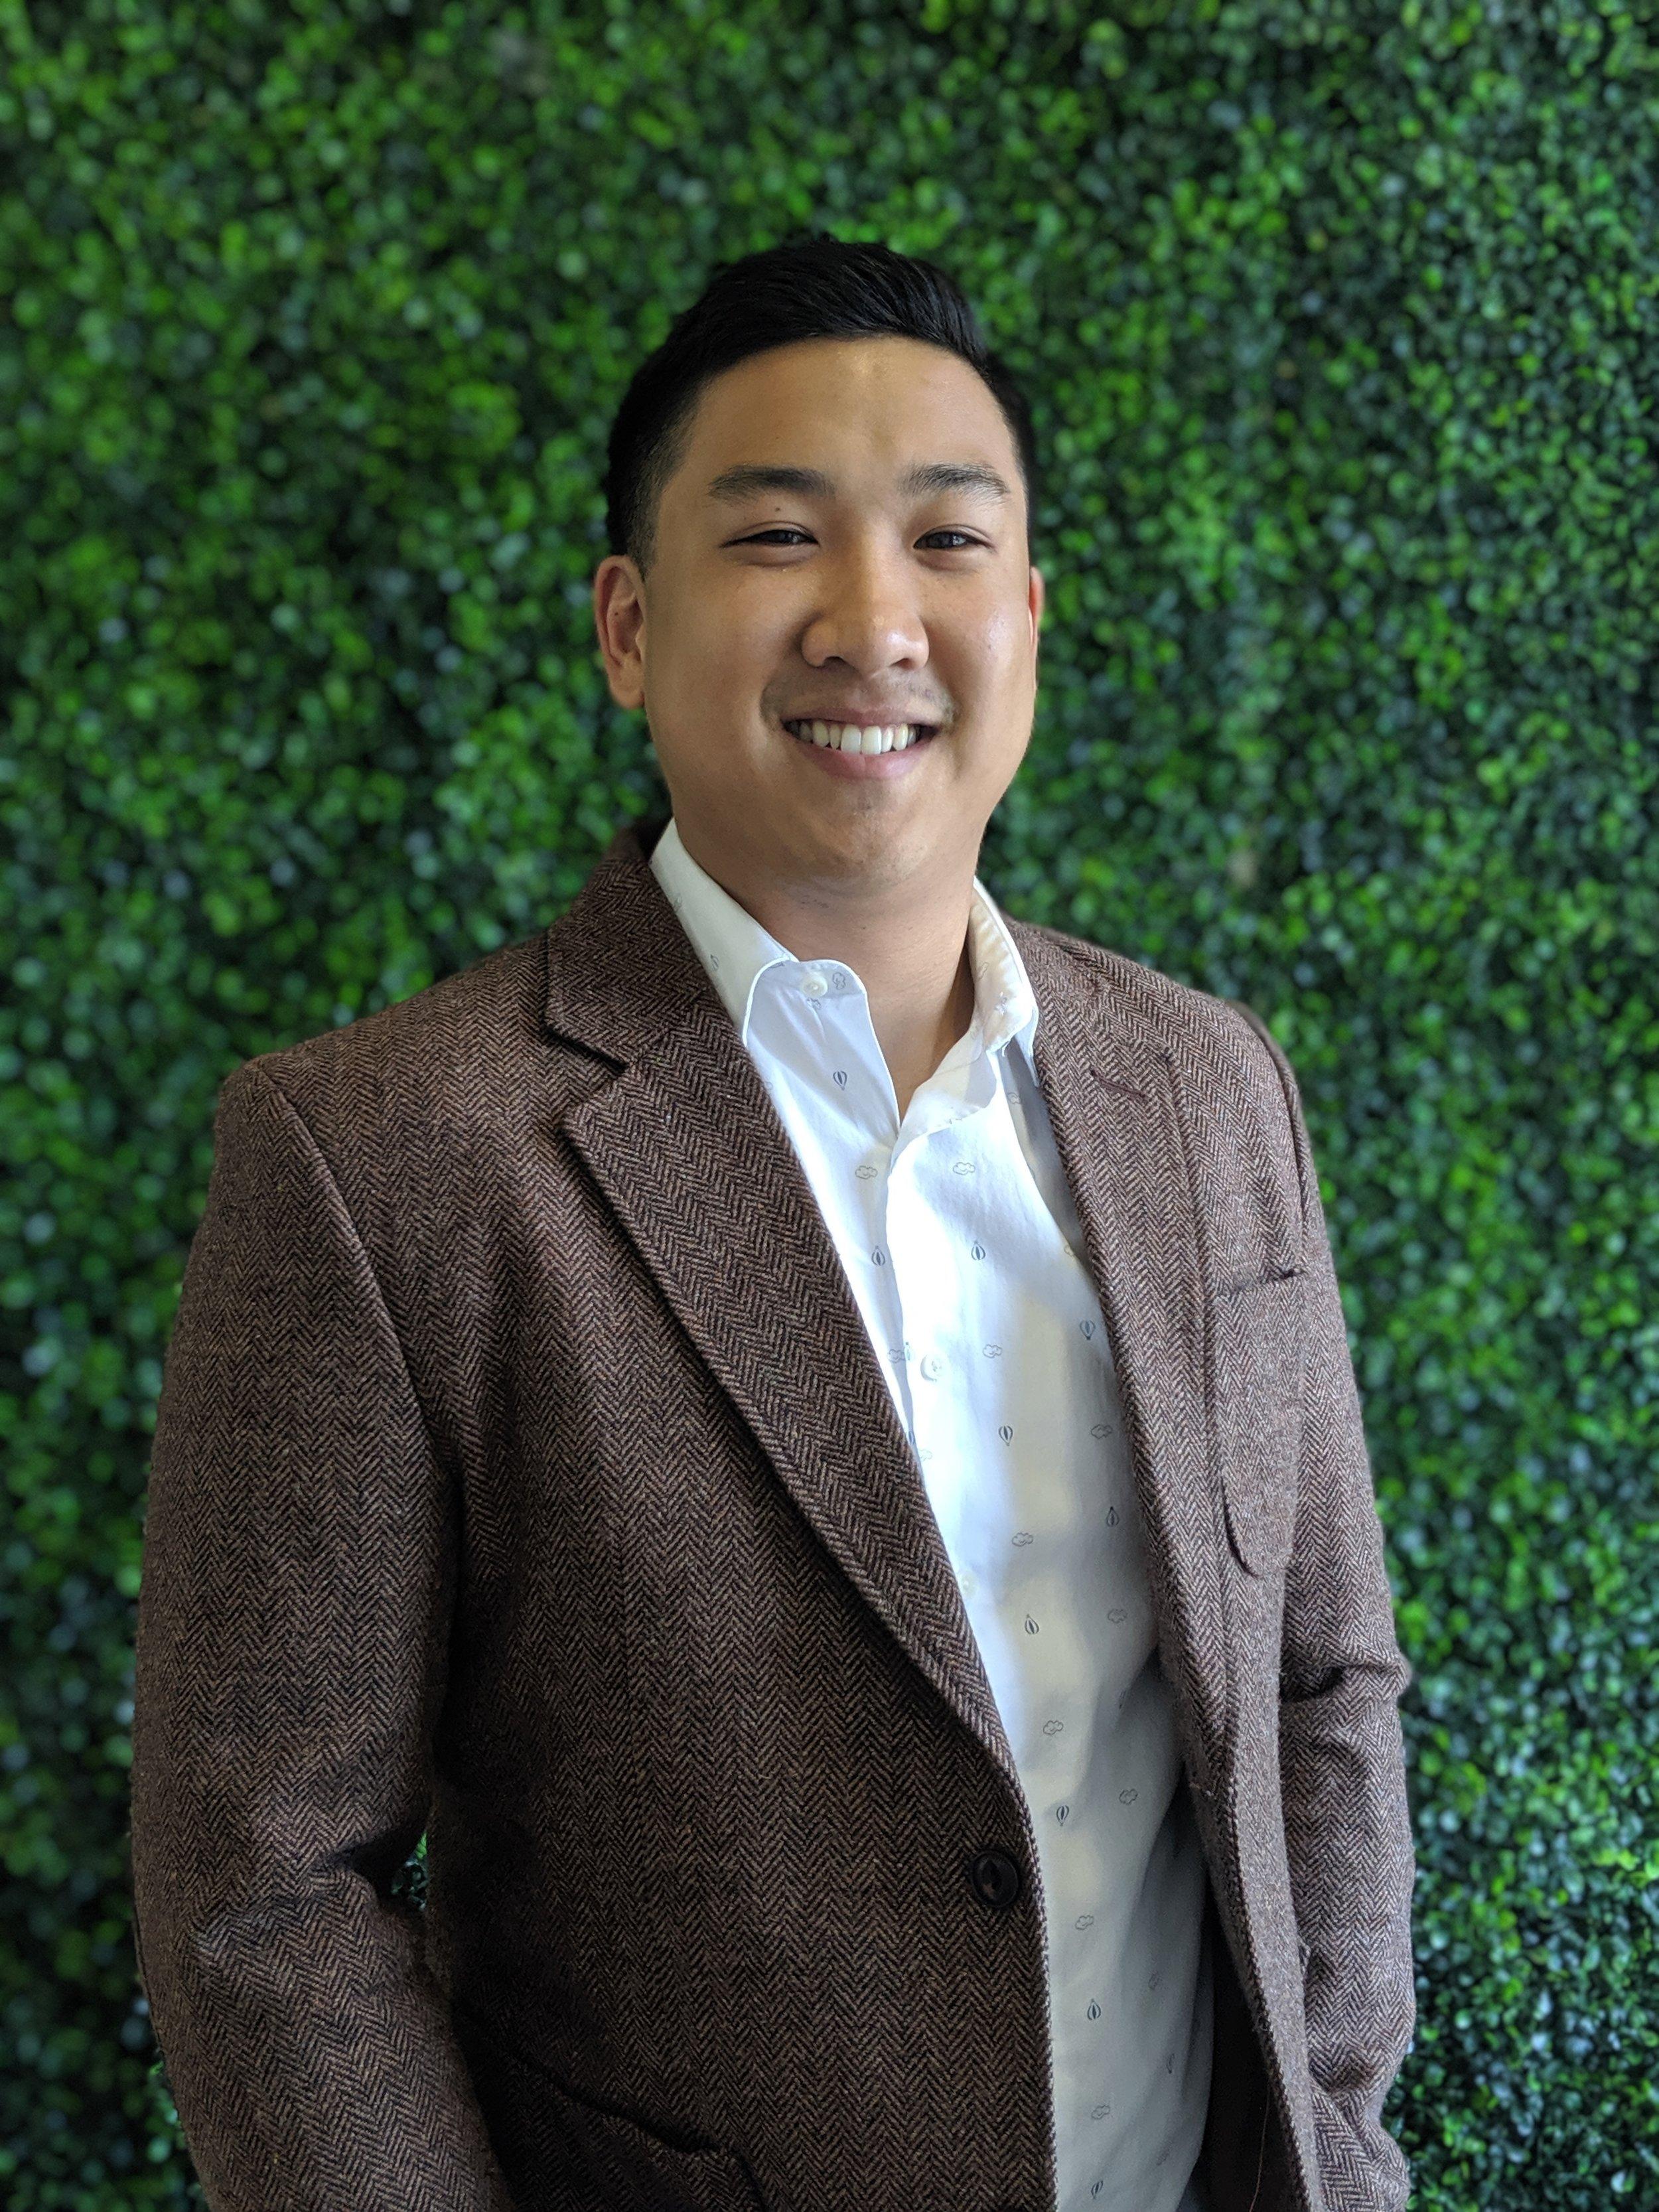 Patrick Leung, SMB Account Executive